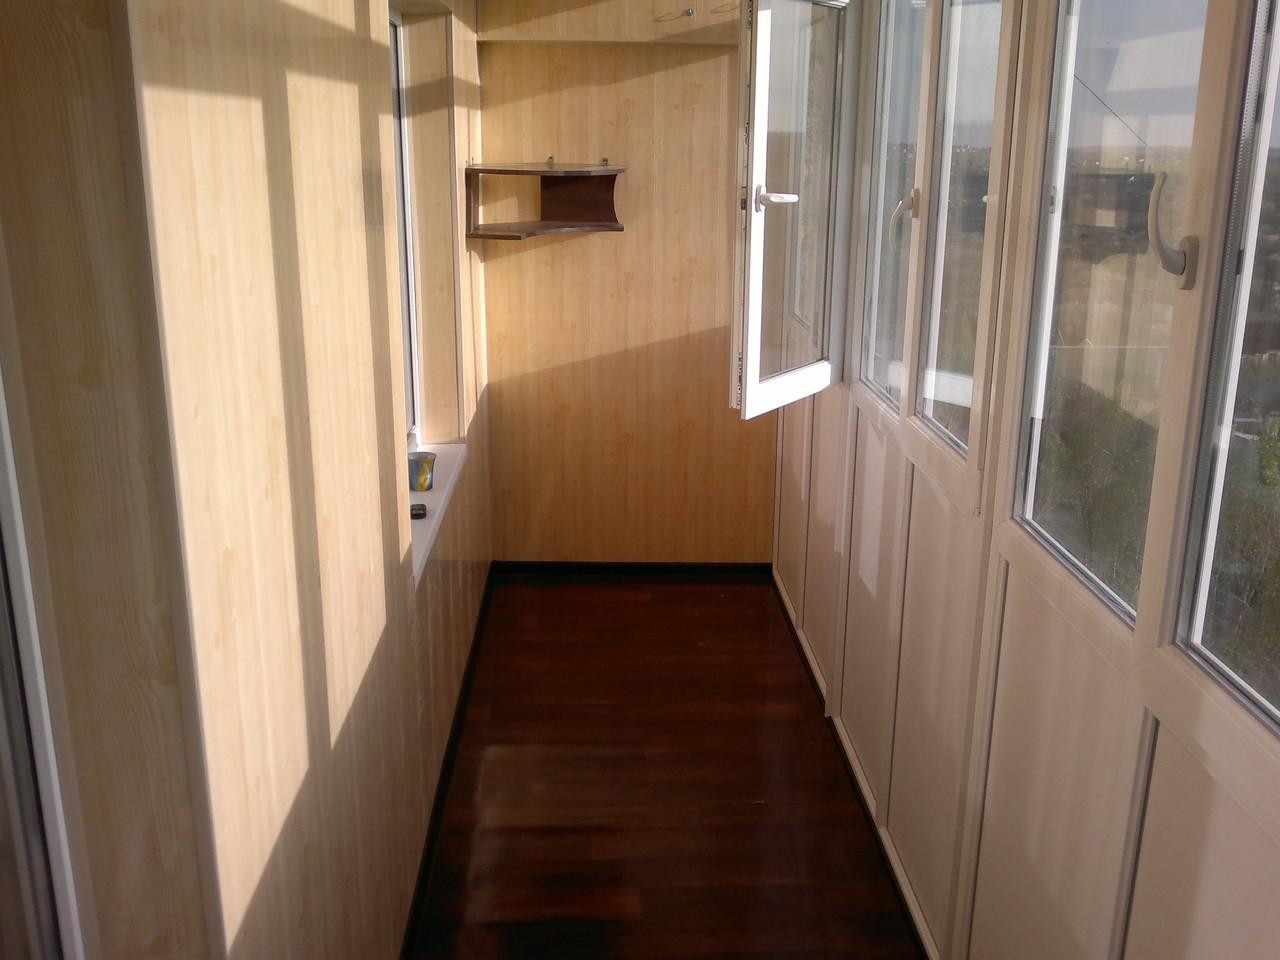 Балконы под ключ, остекление, отделка, вынос, ремонт, утепле.